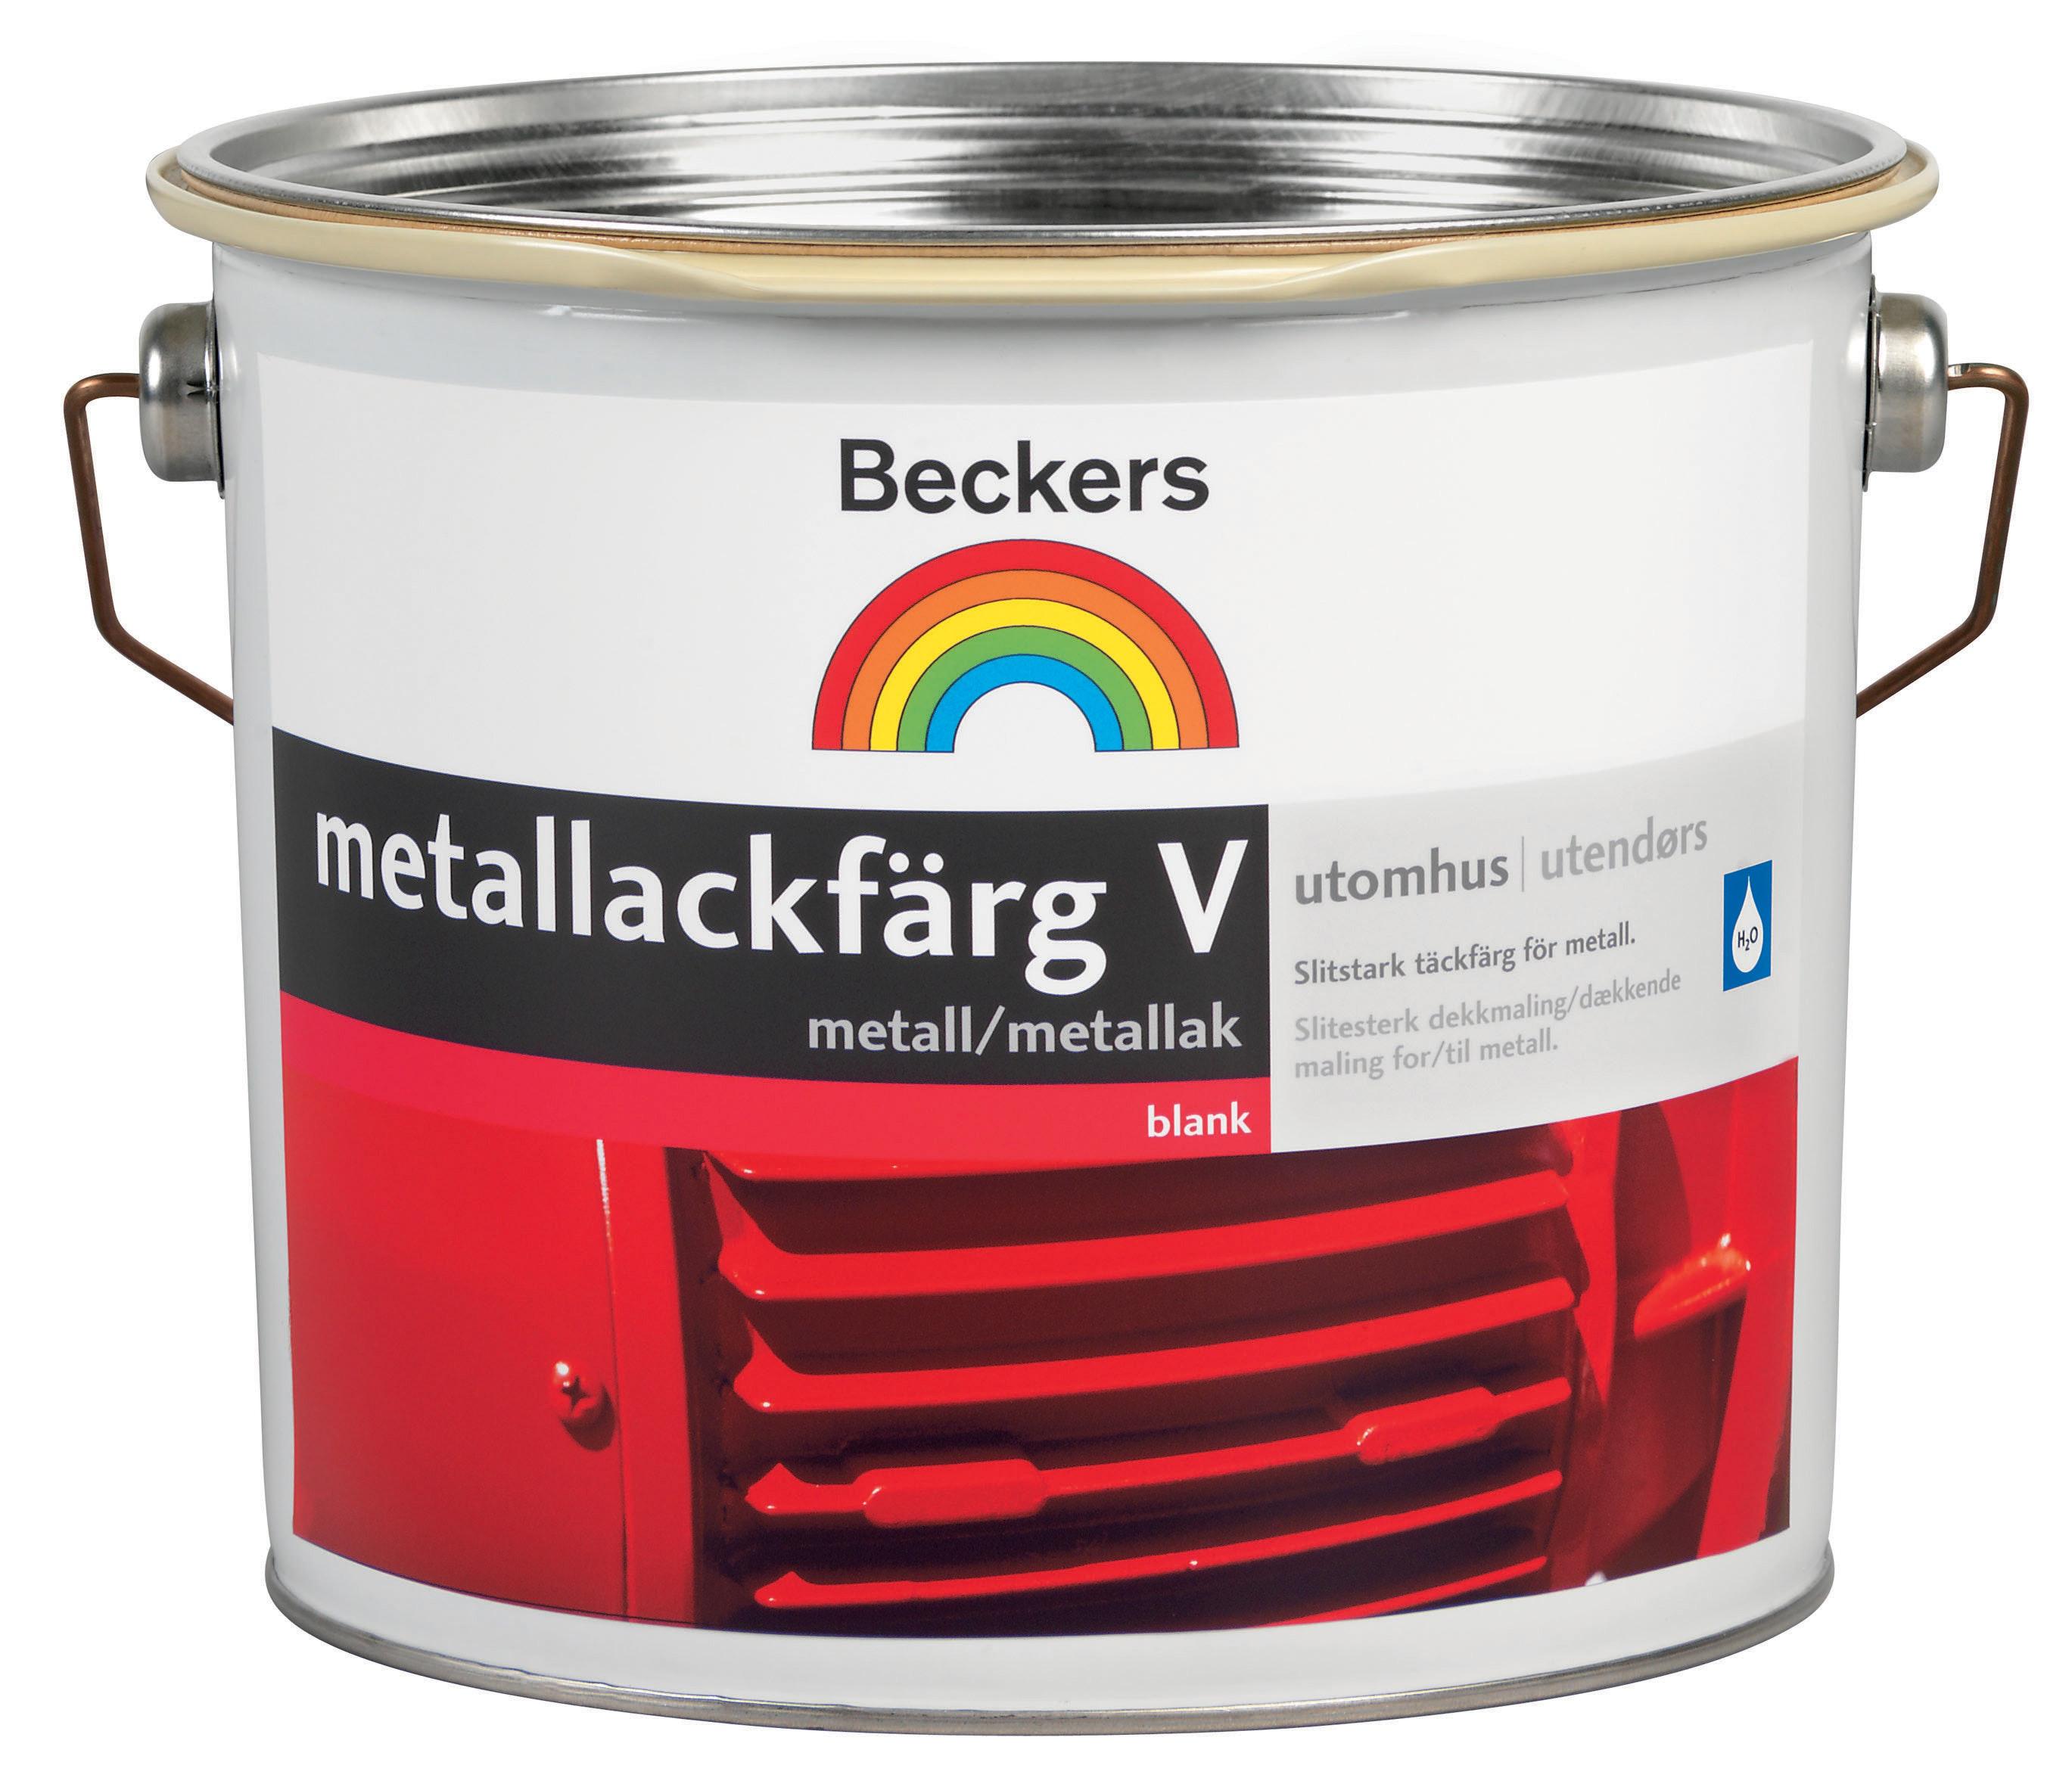 Metallackfärg Beckers V Blank Svart 3l